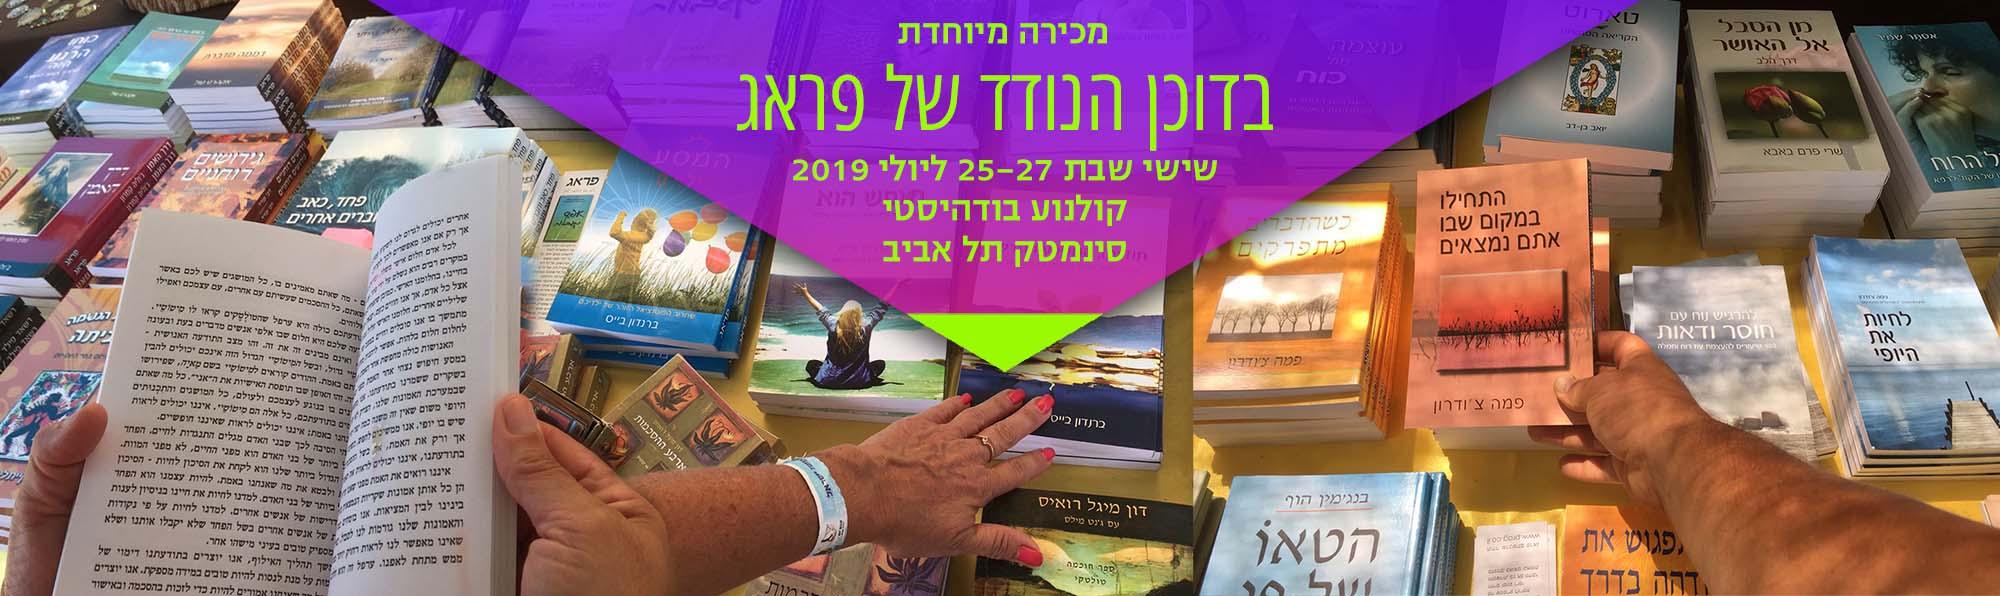 שישי שבת 25-27.7.2019 סינמטק תל אביב – הדוכן הנודד של הוצאת פראג ספרים במחירים מיוחדים